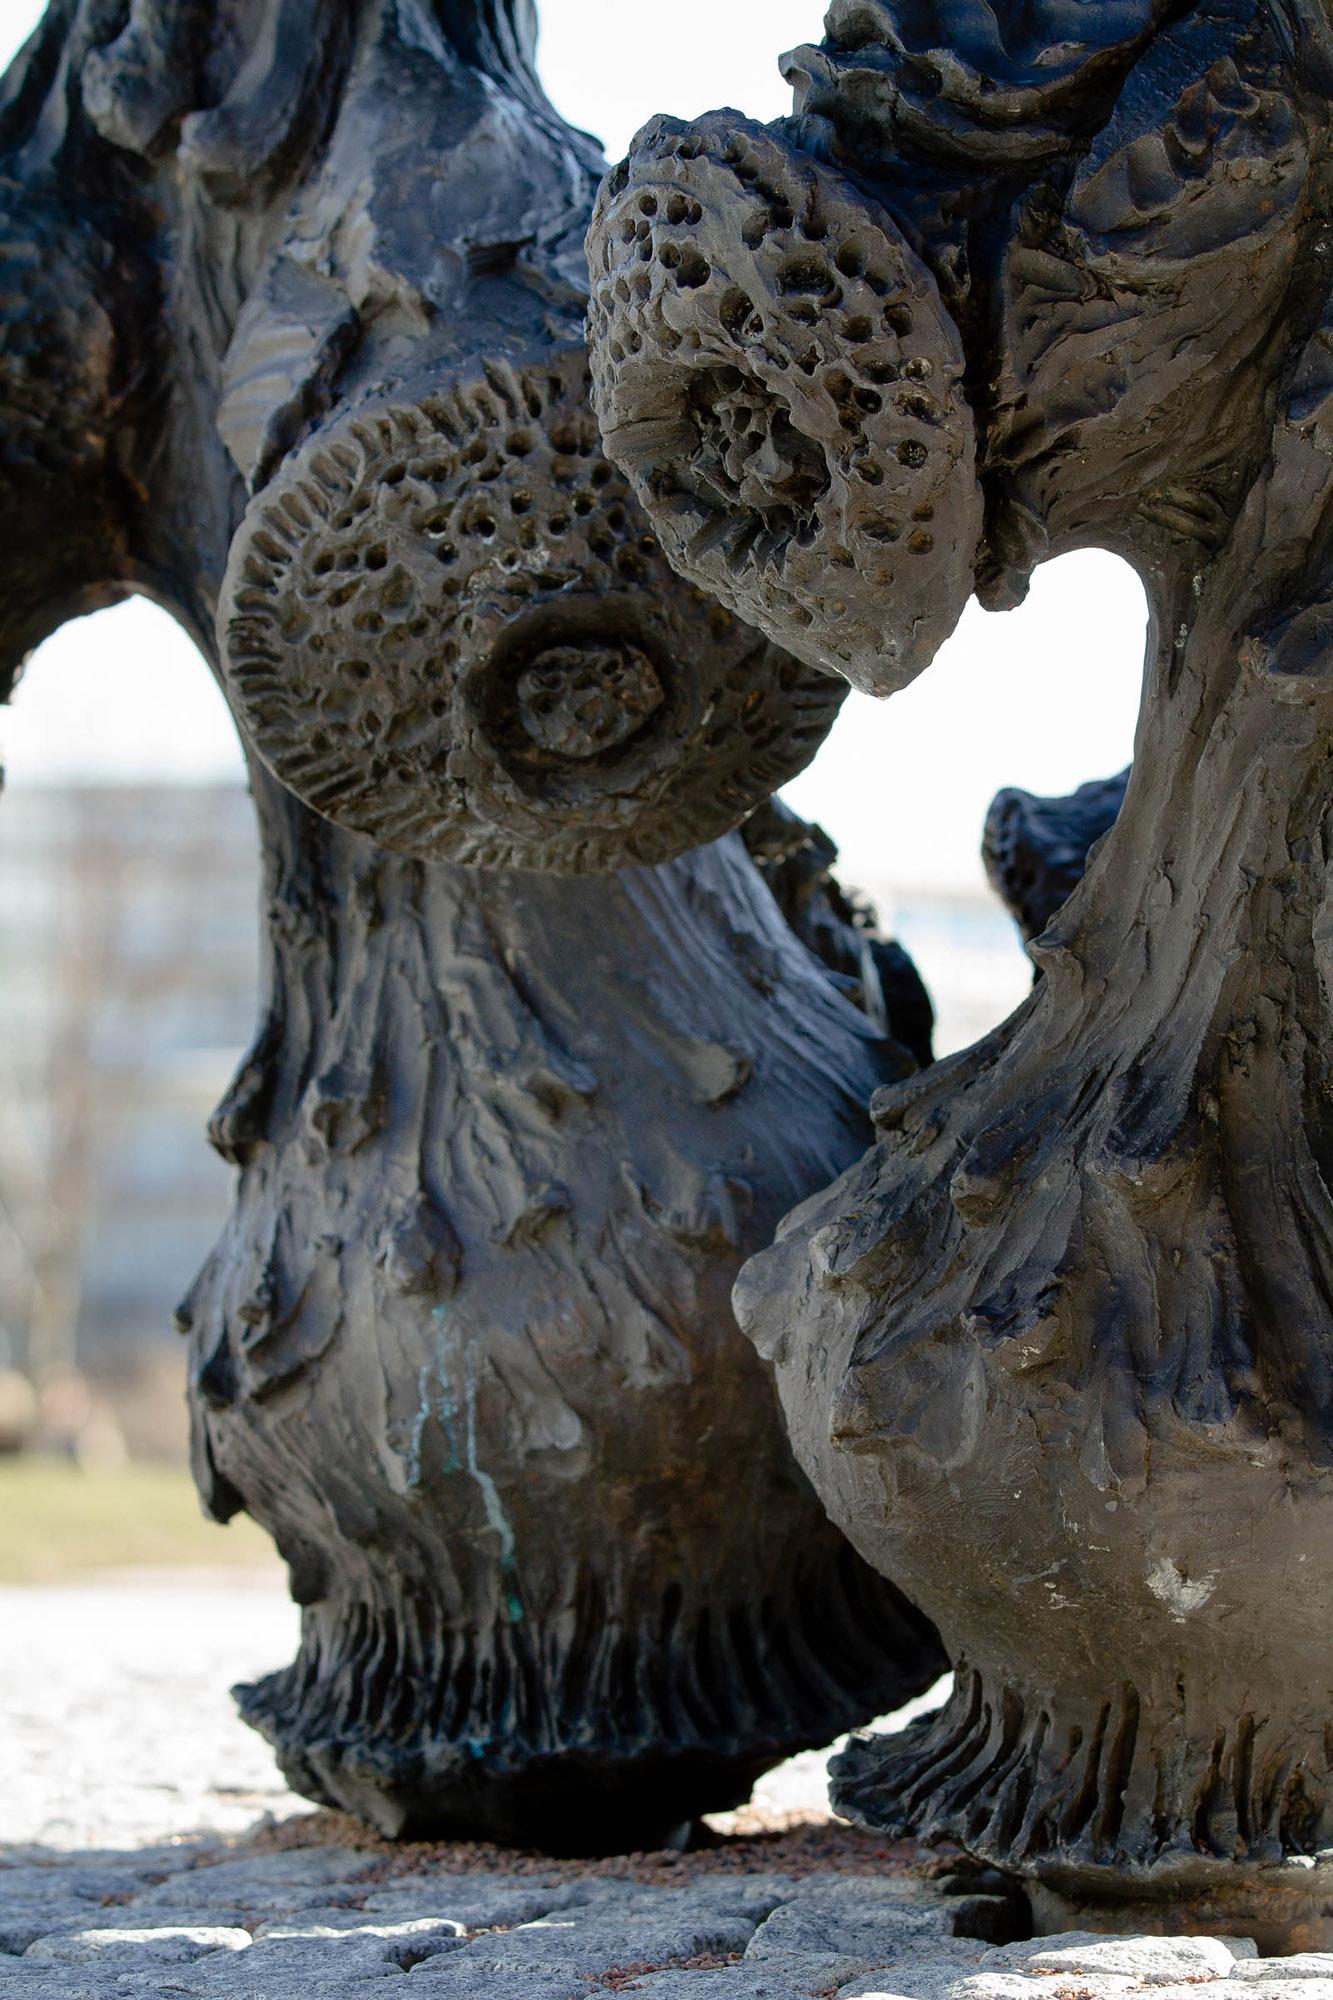 Detalj av skulpturens ojämna yta. Carl Boutard, Into The Wild (2013)